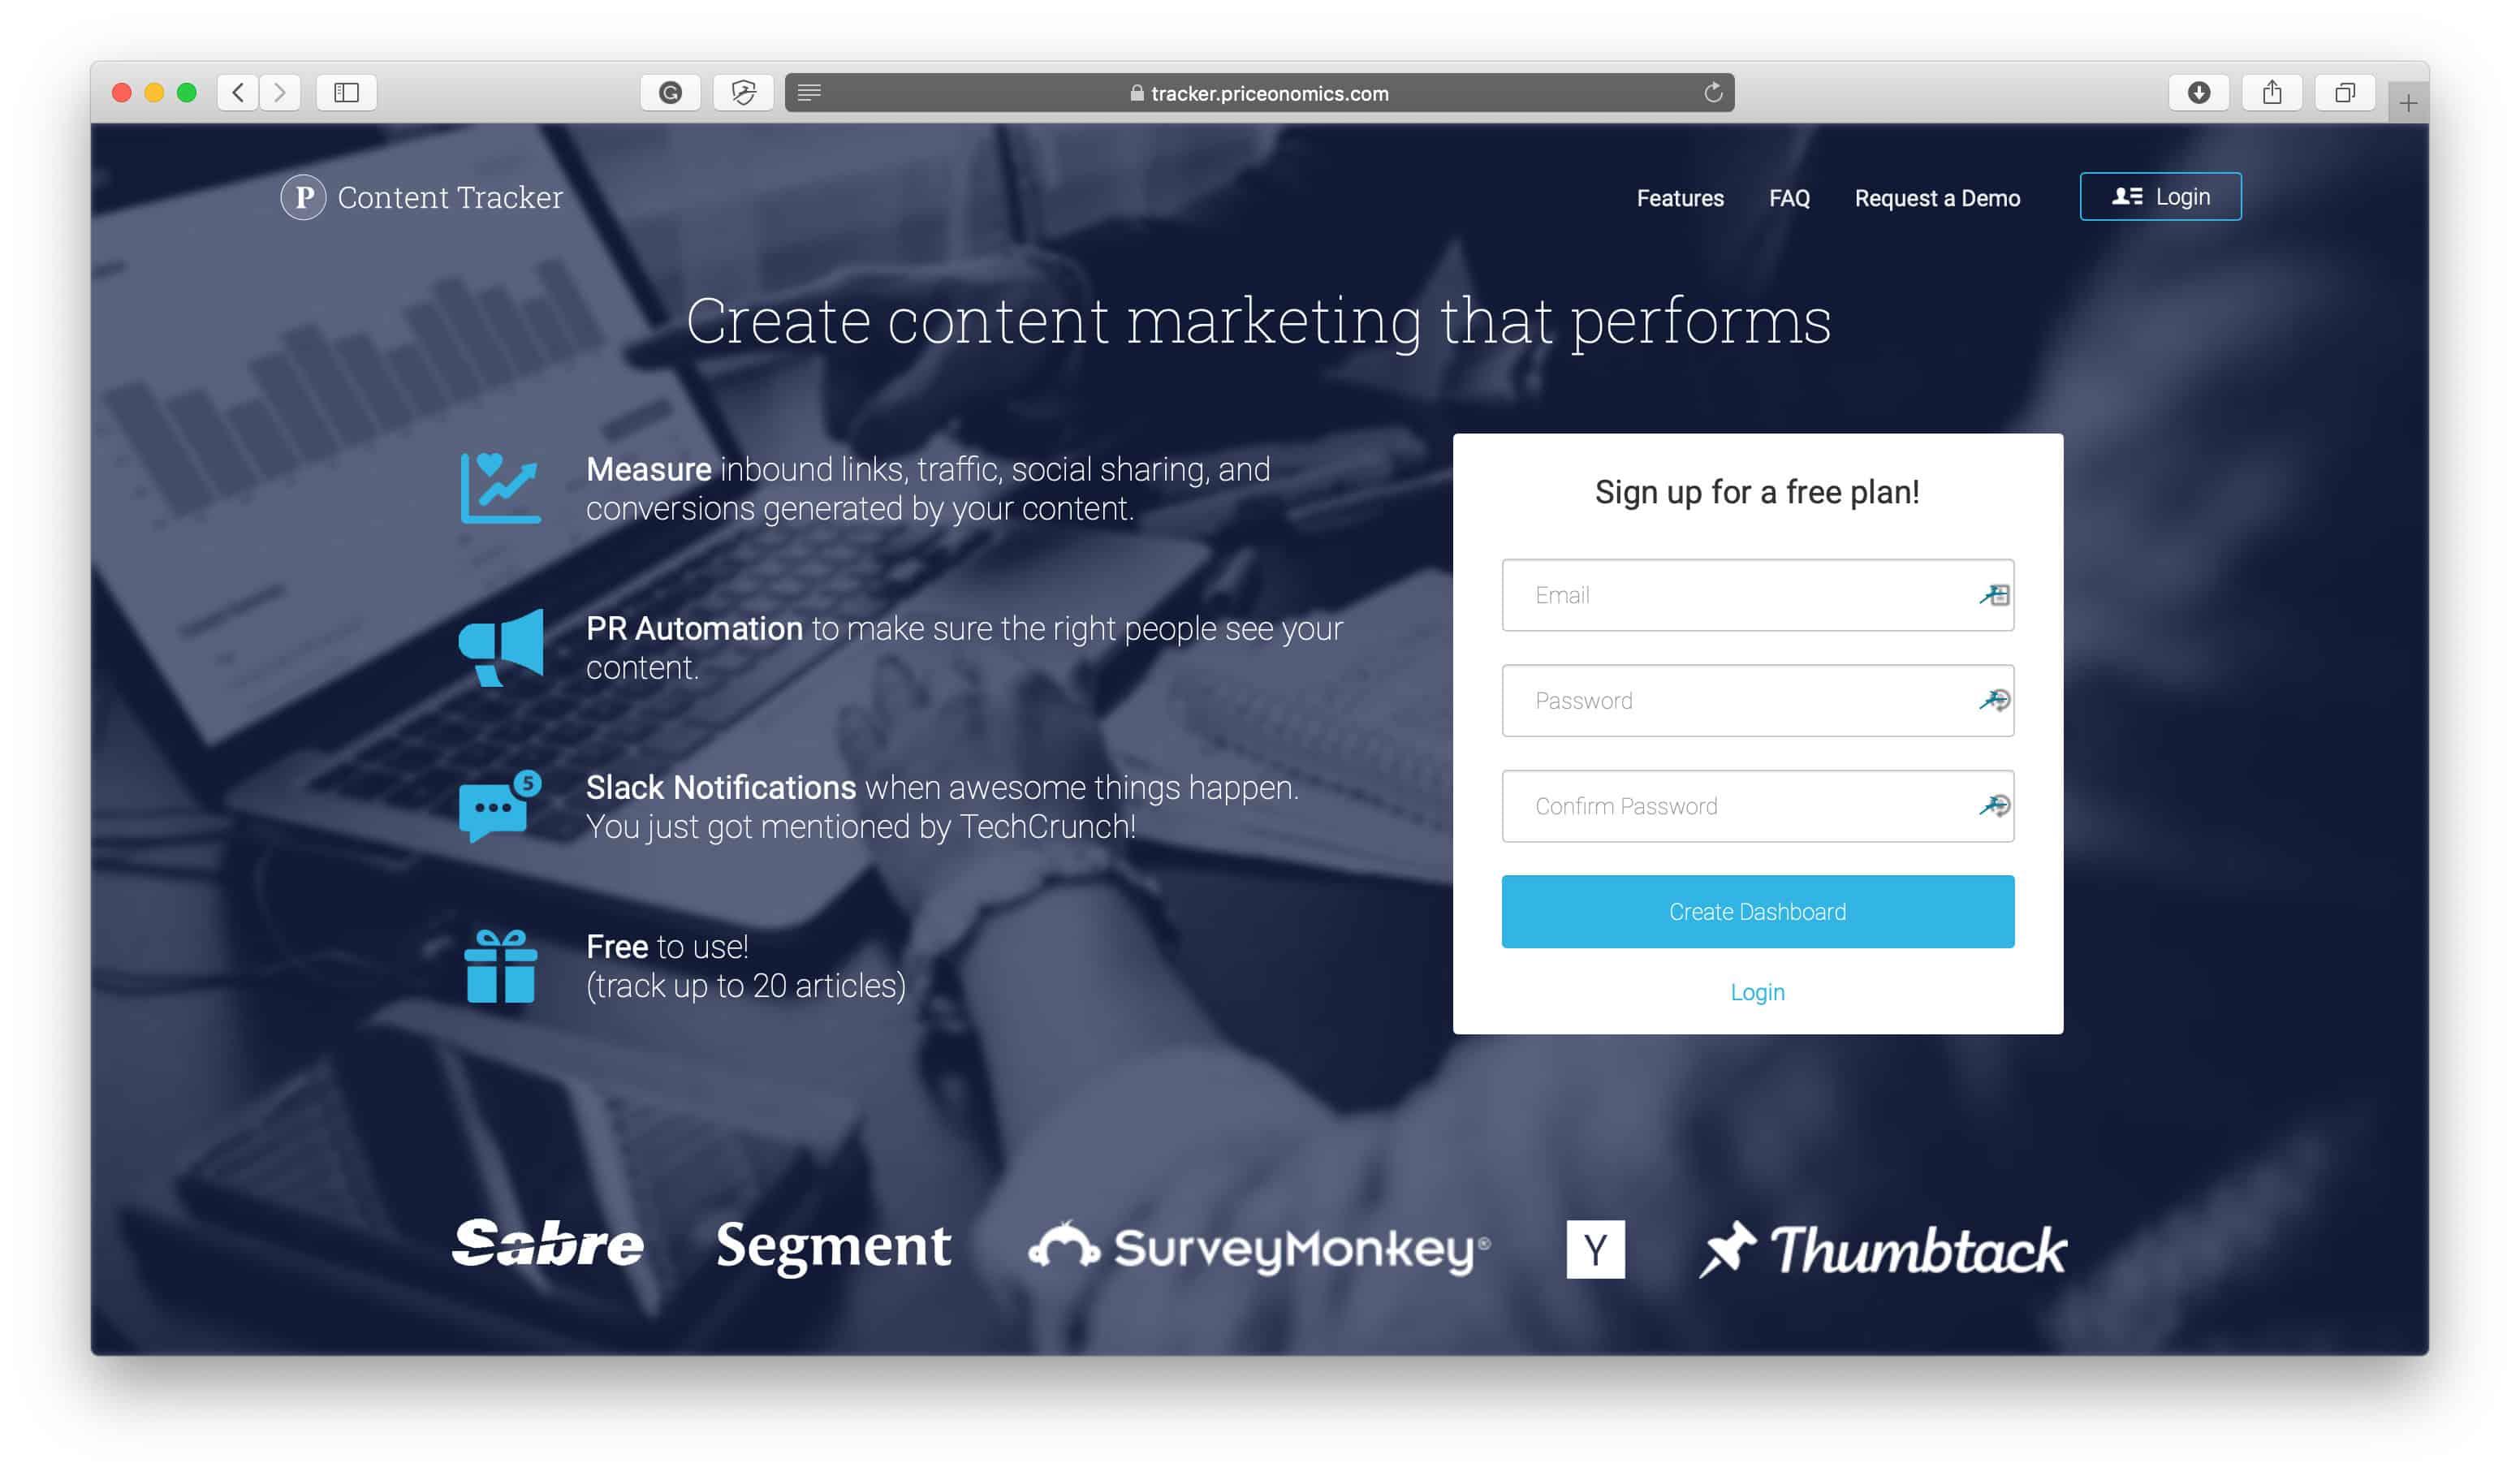 ContentTracker Slack Integration